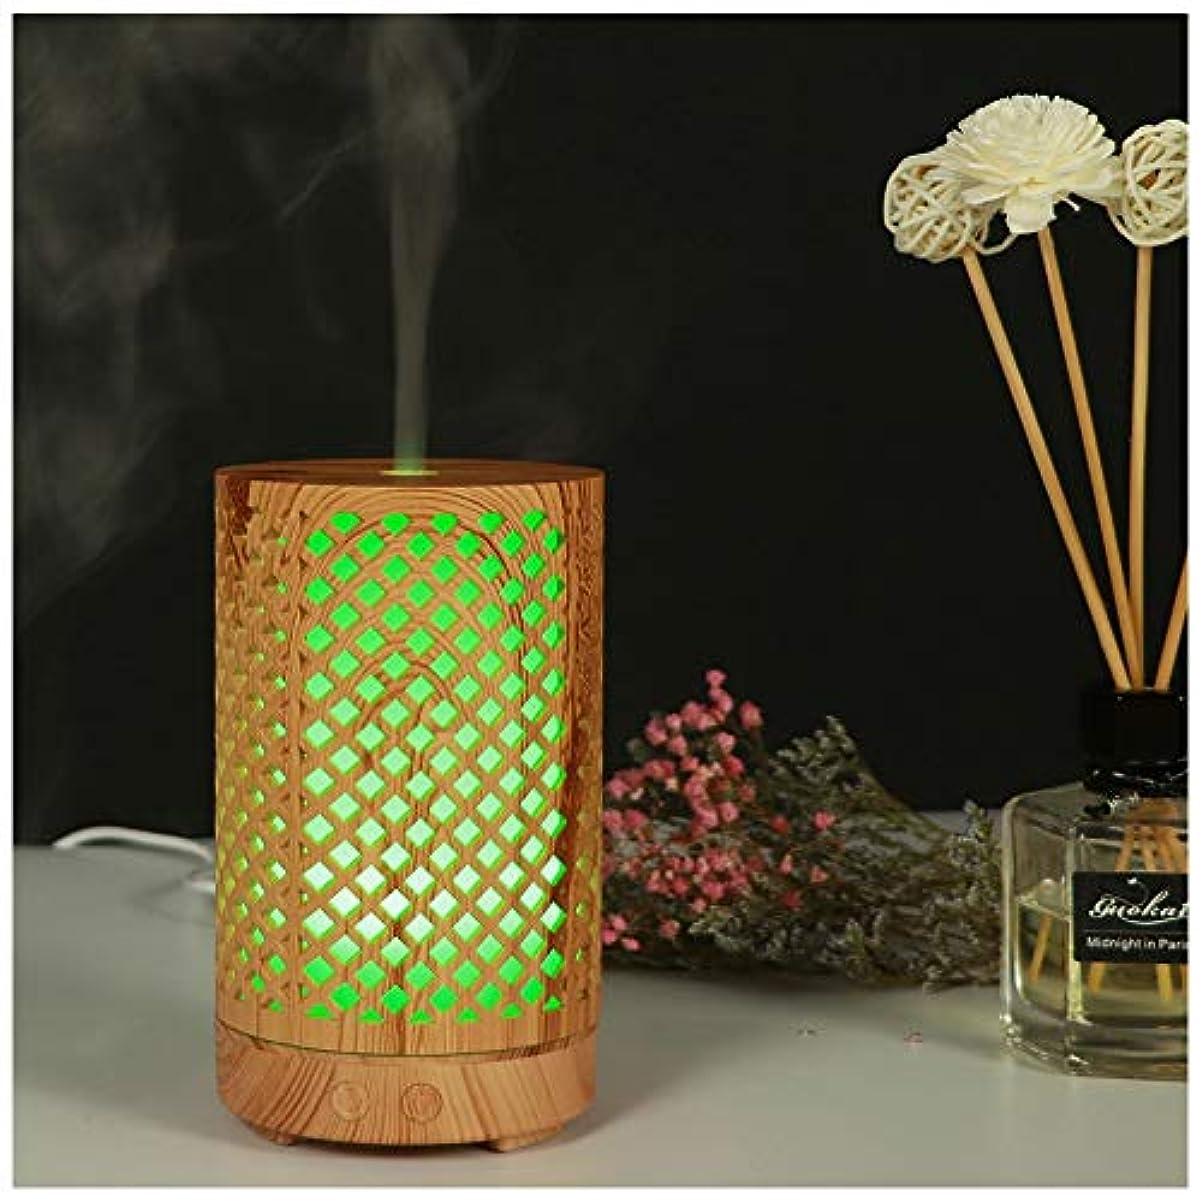 ライド異なるモードウッドグレインエッセンシャルオイルディフューザー超音波加湿器ポータブルアロマディフューザー7色LED付きホームオフィス用ヨガスパ(100ml),Lightwoodgrain